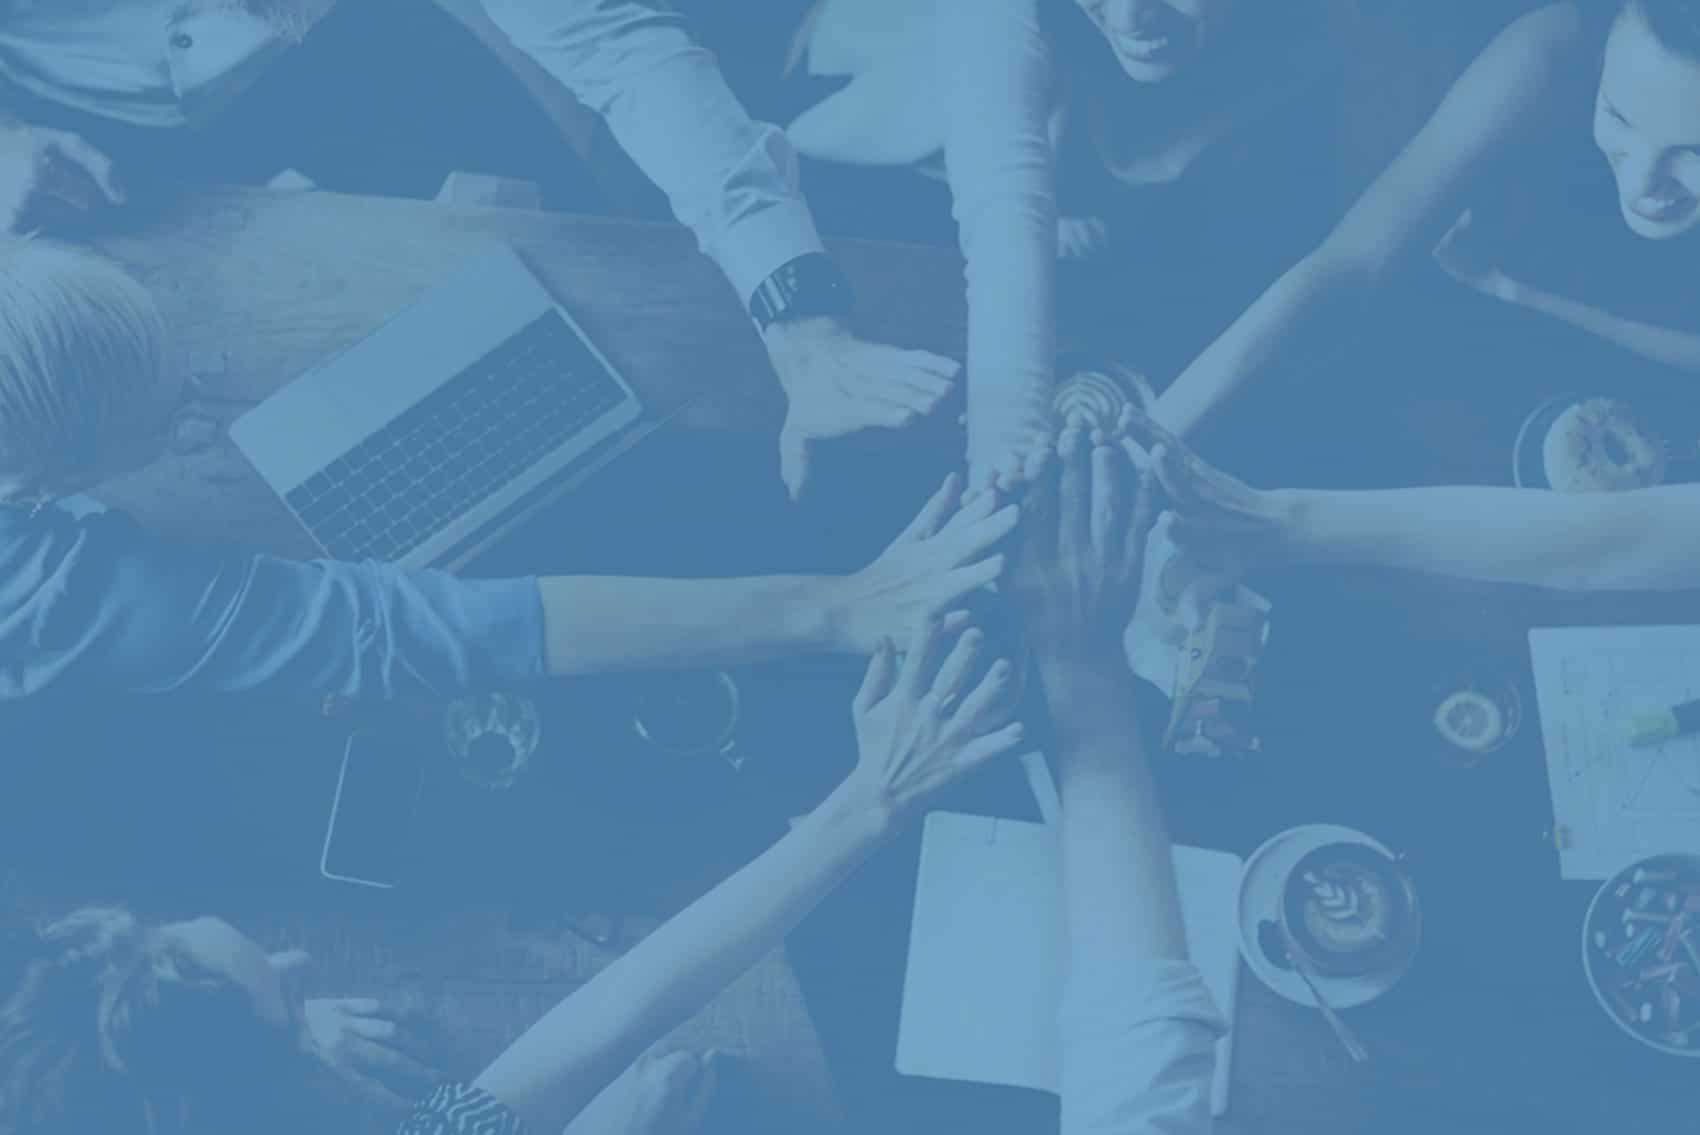 Comment organiser votre équipe pour mettre en place un outil de marketing automation?